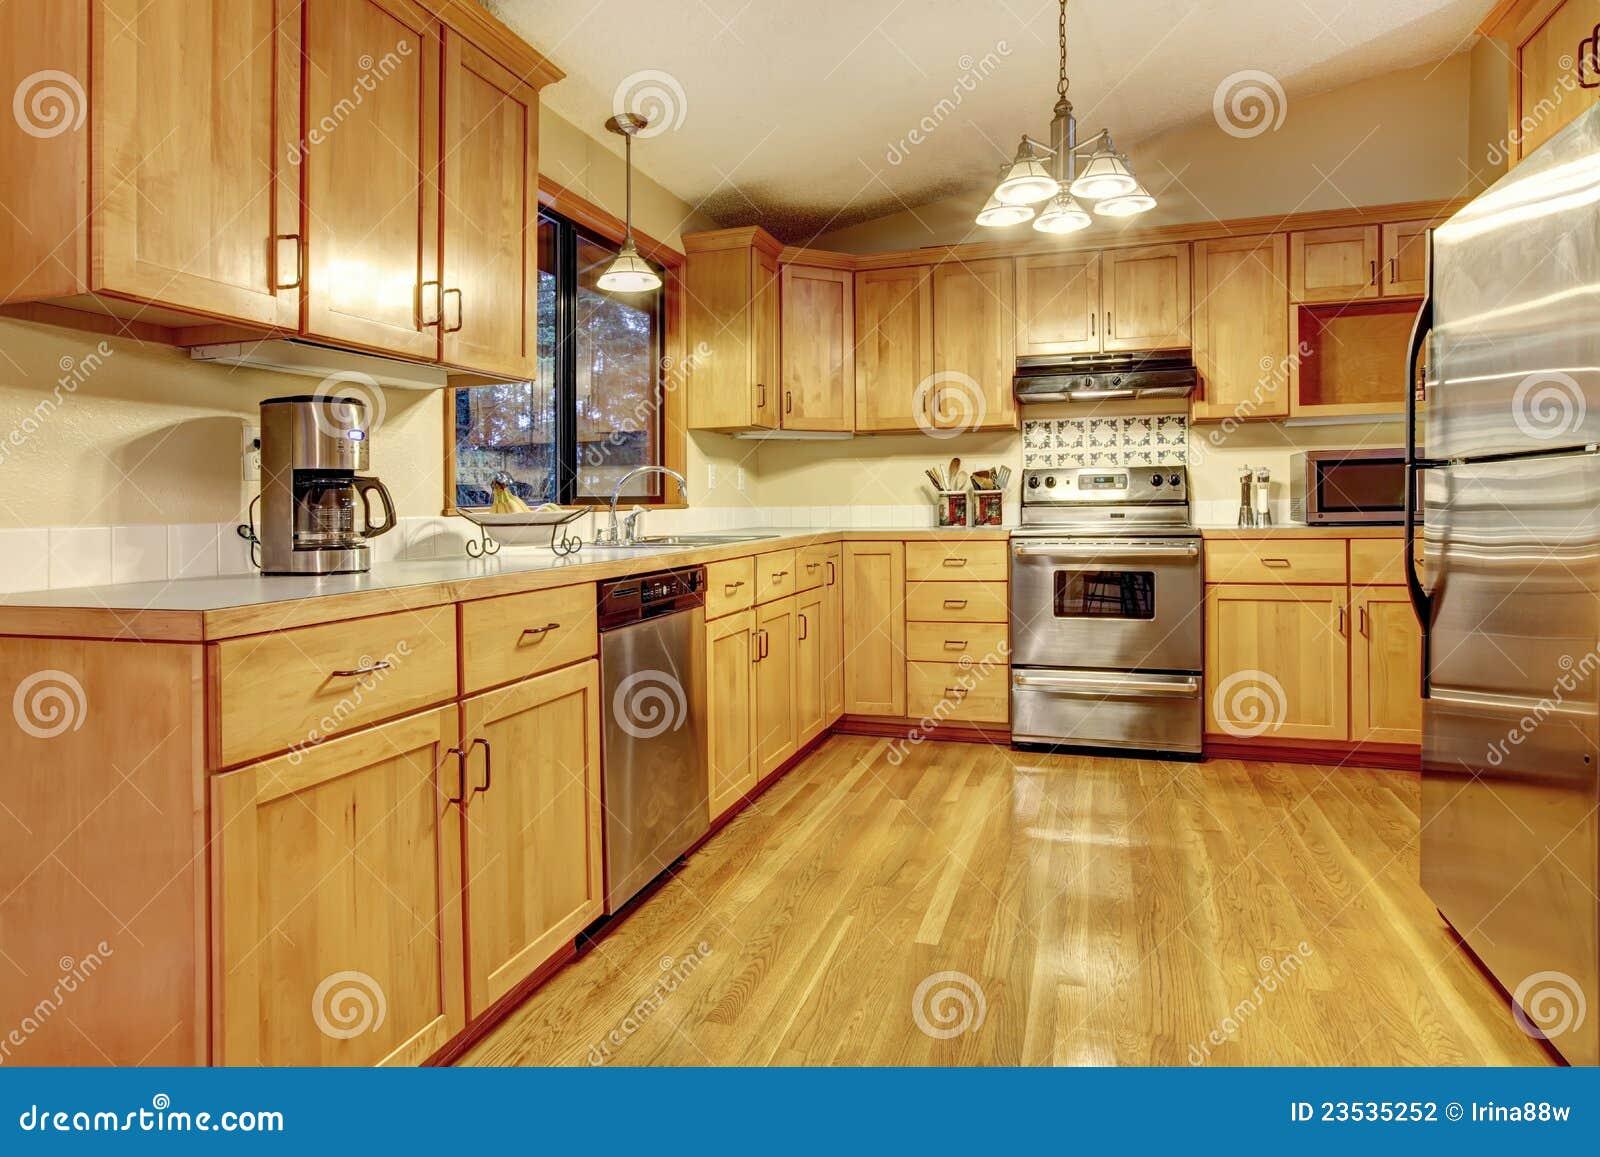 Cozinha de madeira morna amarela com assoalho novo fotografia de stock imagem 23535252 - Foto grijze keuken en hout ...